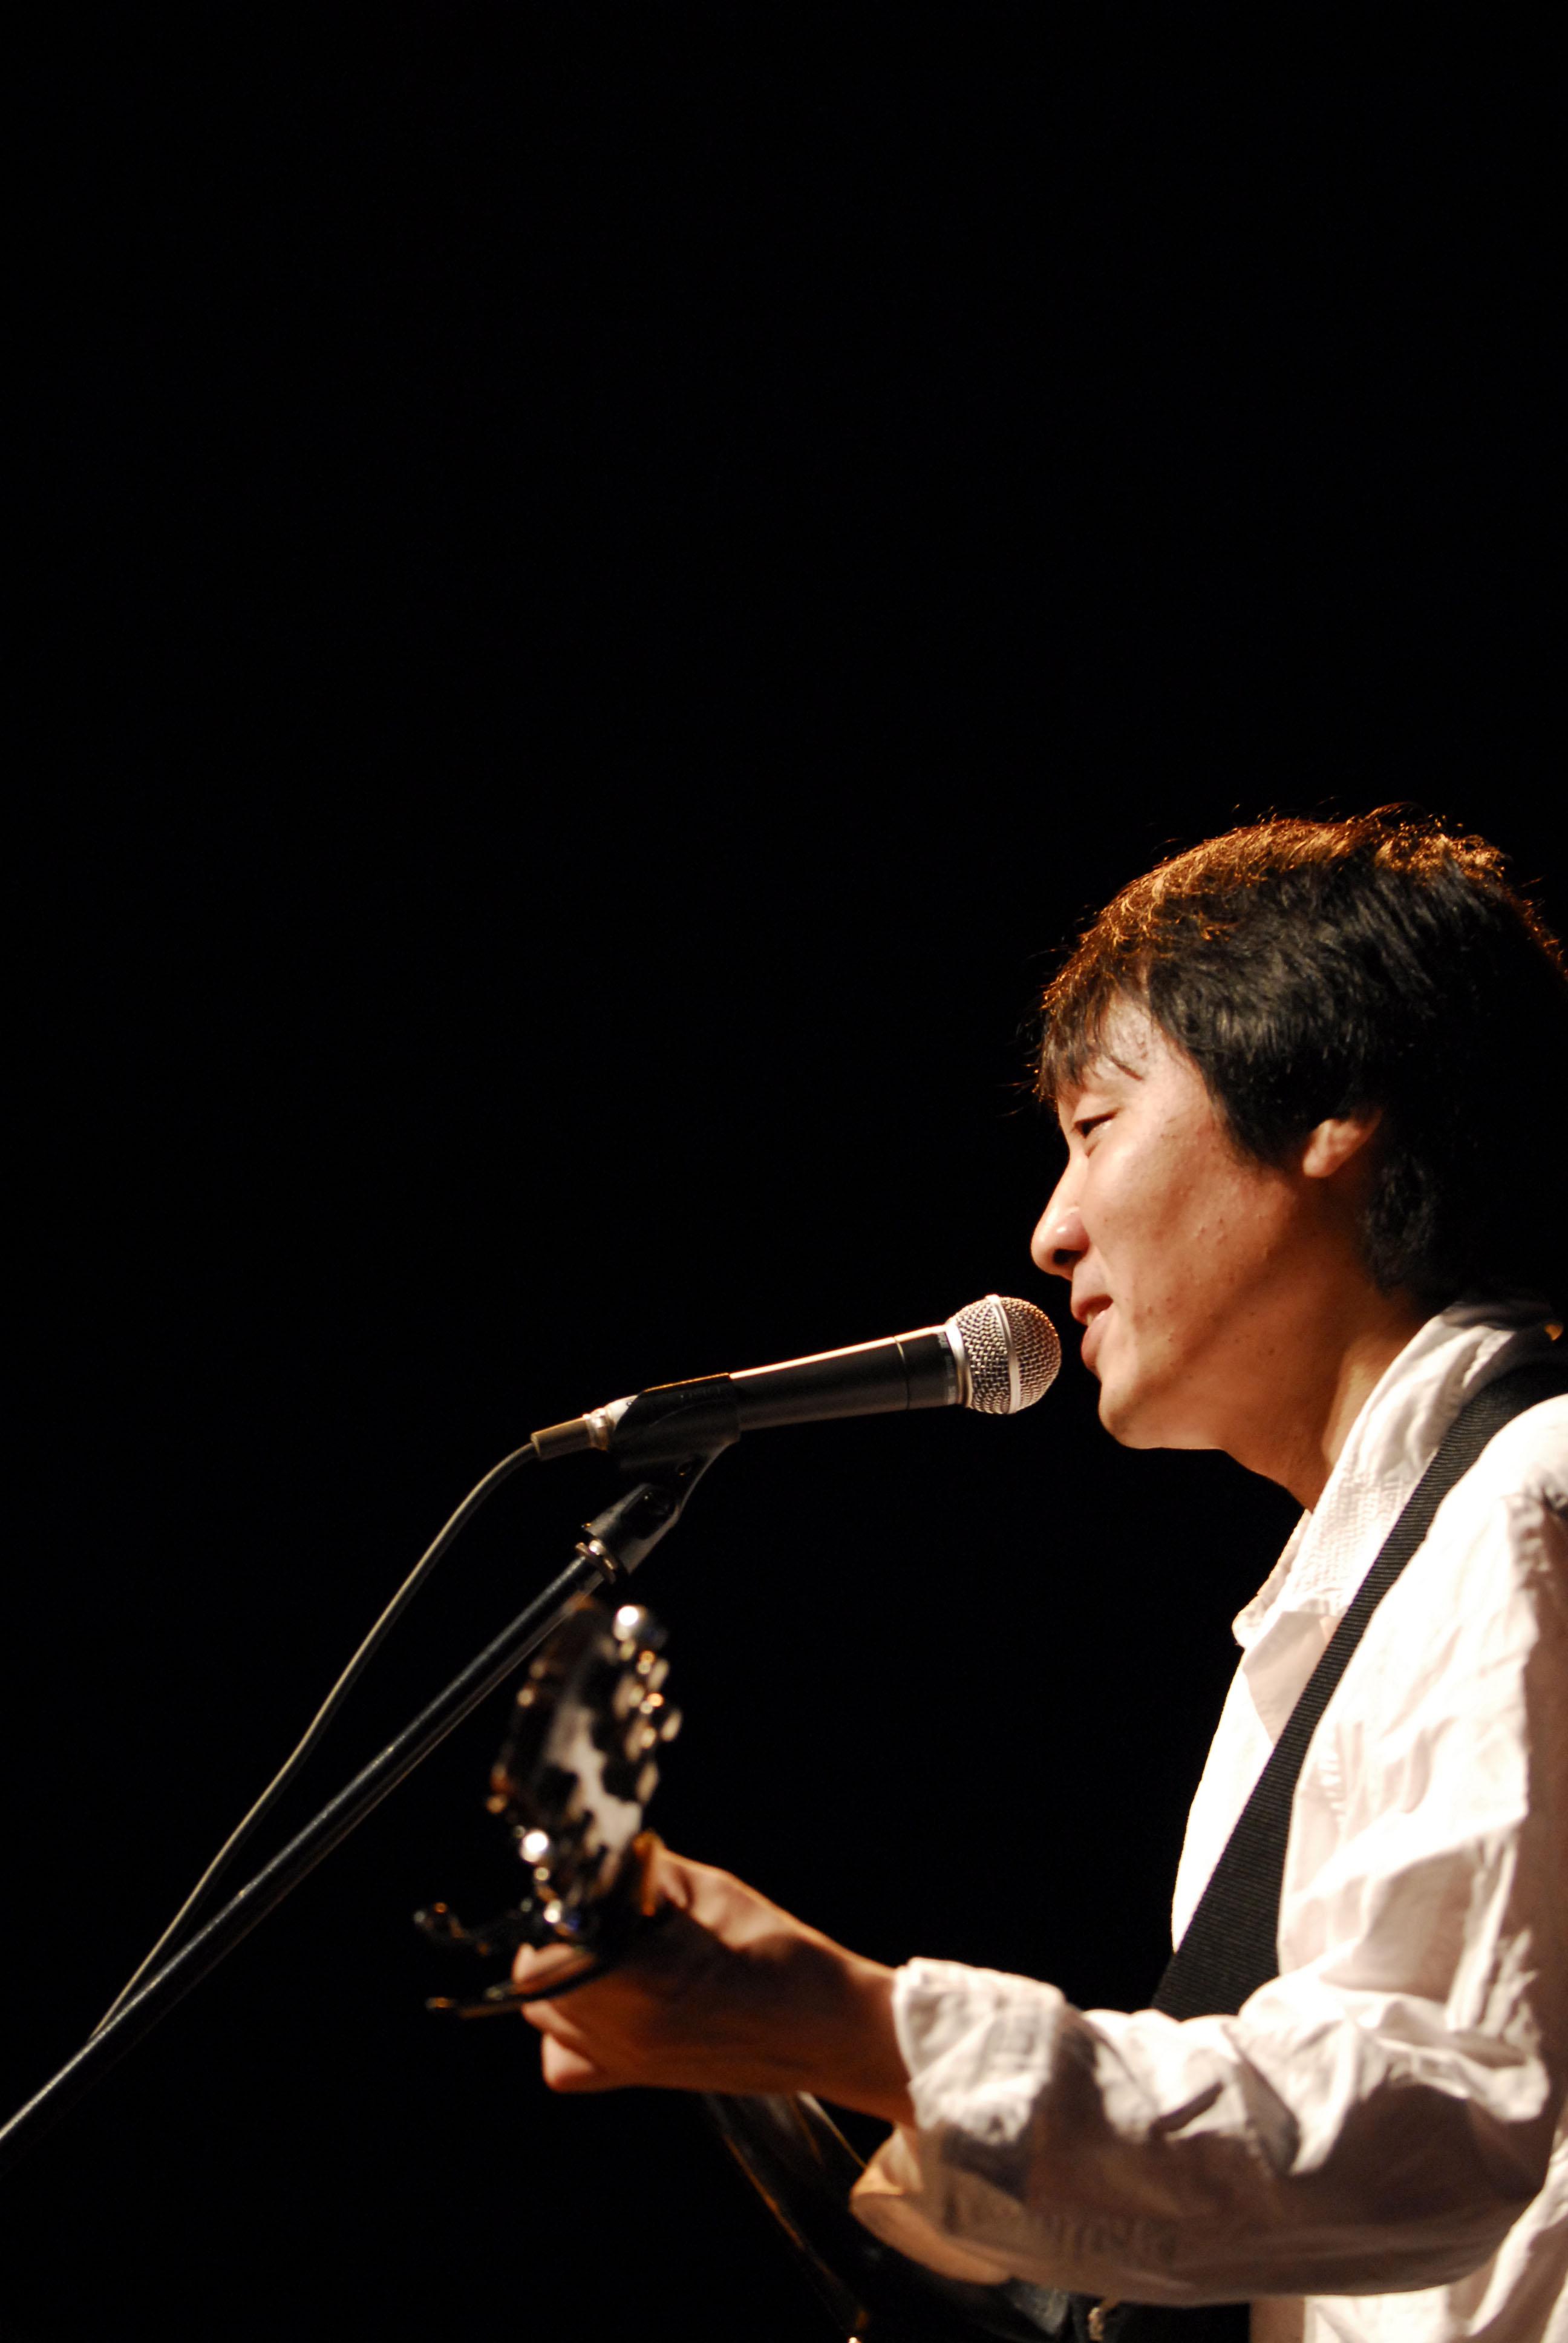 3月27日(金)『柳原陽一郎・春の独演会 in 大阪 〜父さん、ただいま!』</font><font size=